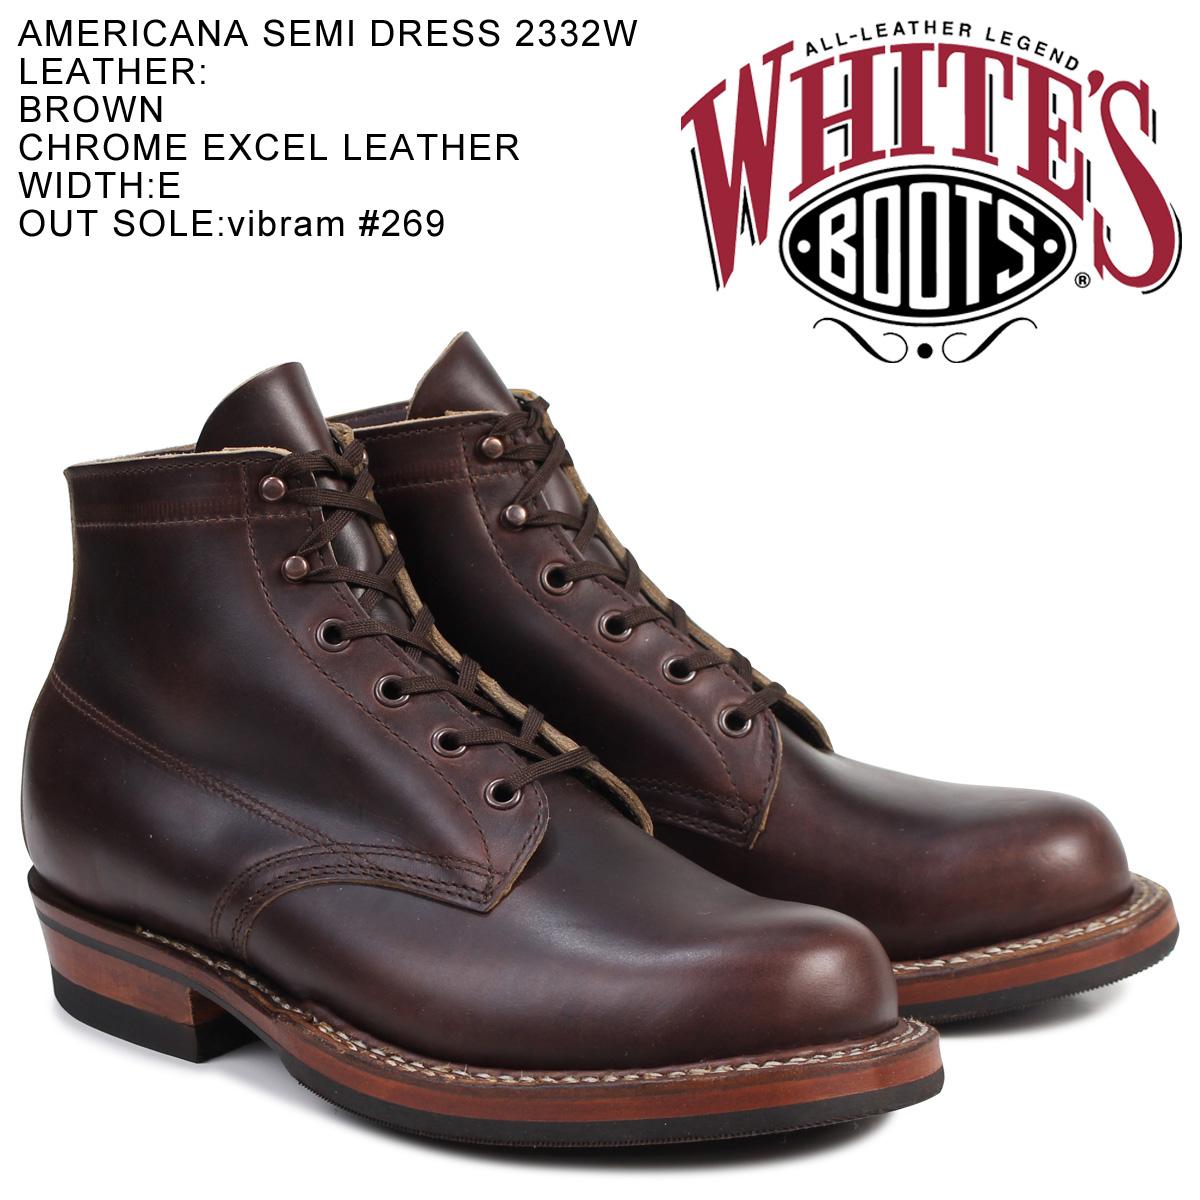 ホワイツブーツ WHITE'S BOOTS セミドレス 5INCH AMERICANA SEMIDRESS BOOTS 2332W Eワイズ メンズ ブラウン